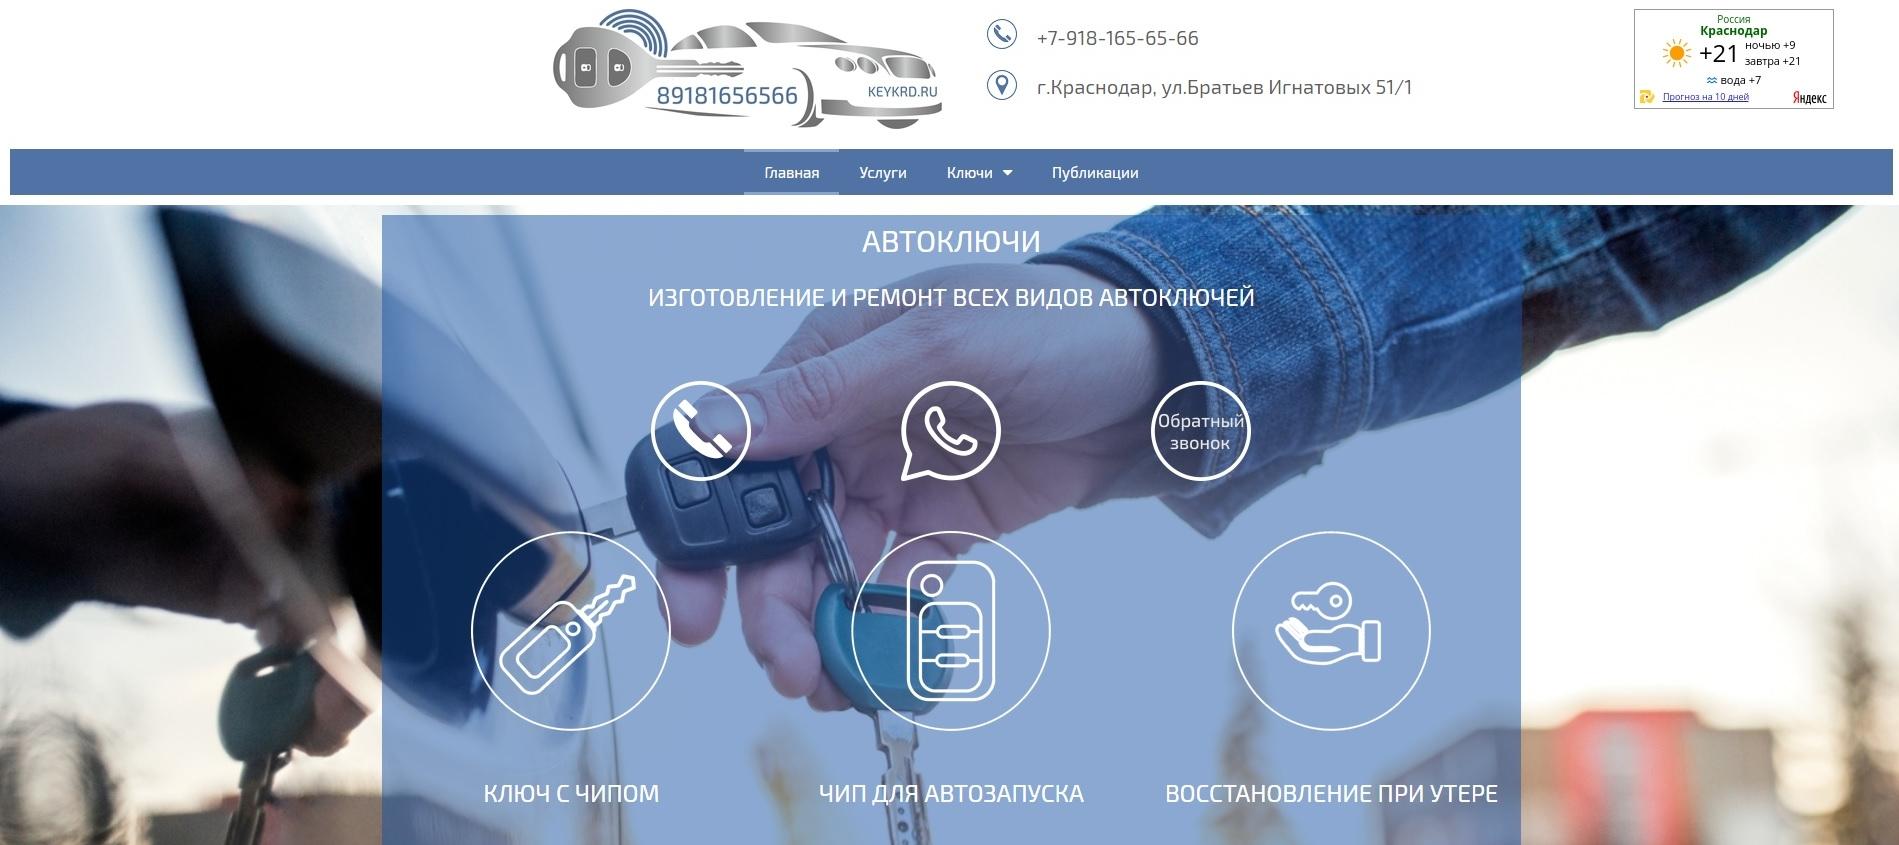 Изготовление и ремонт автоключей